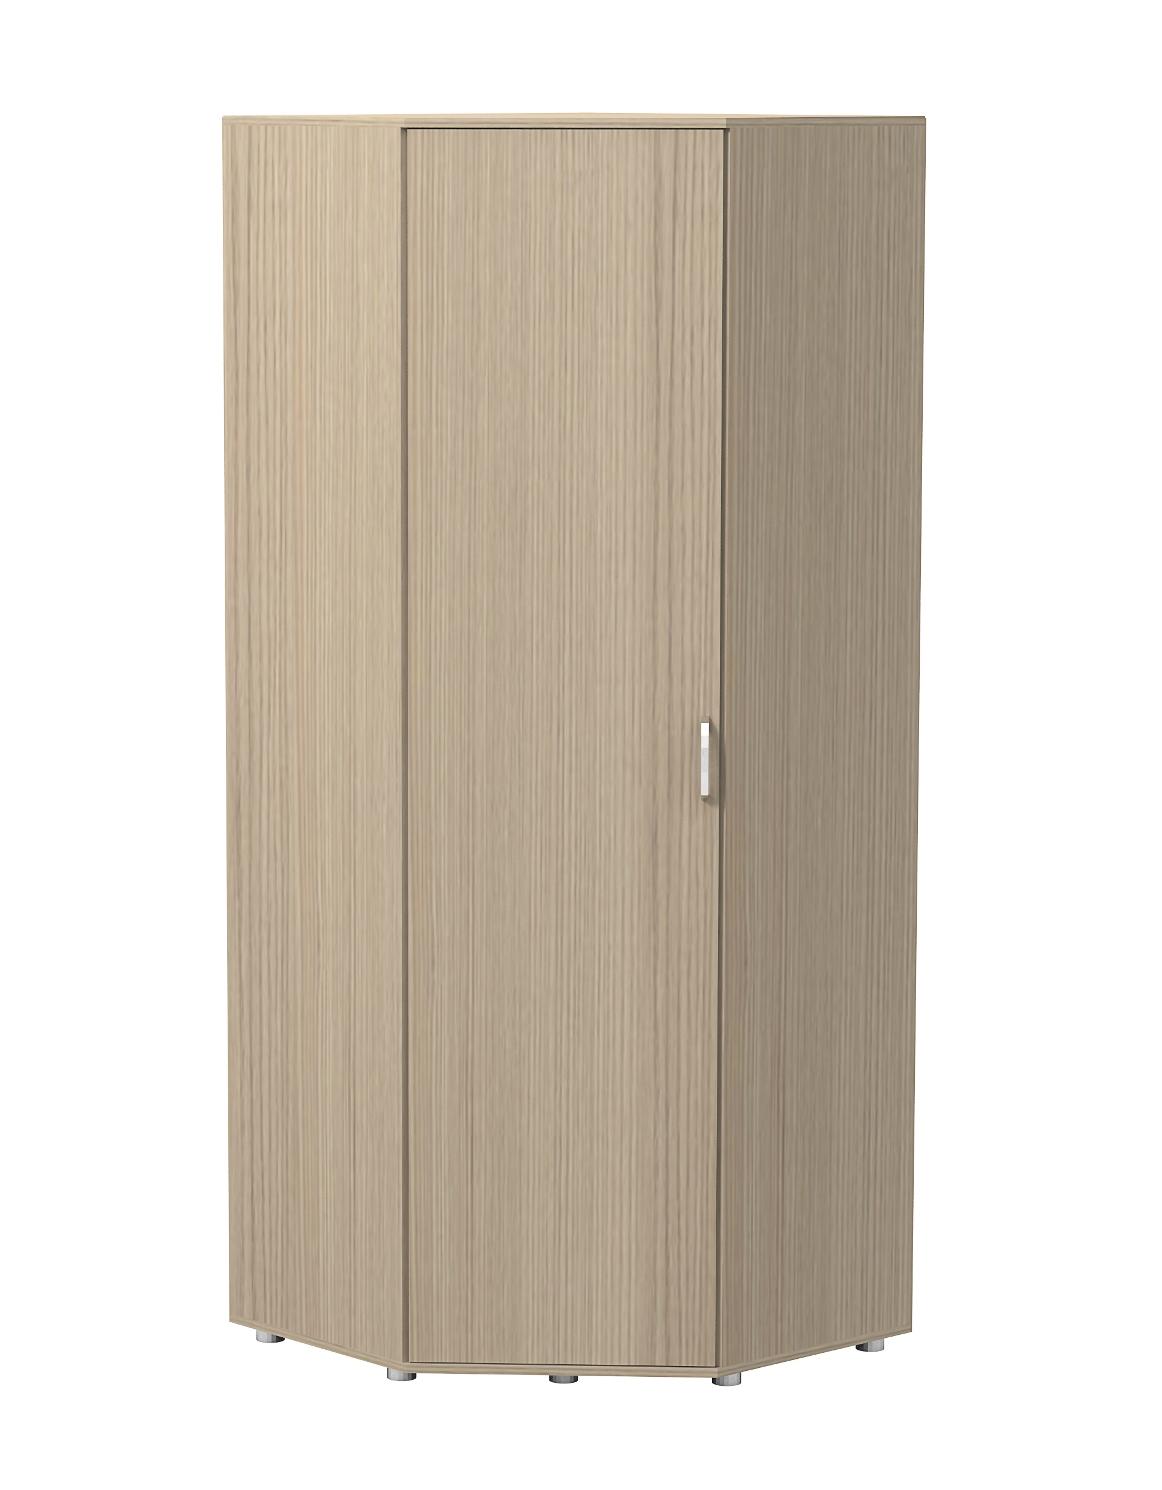 Шкаф угловой для одежды и белья Акцент фото